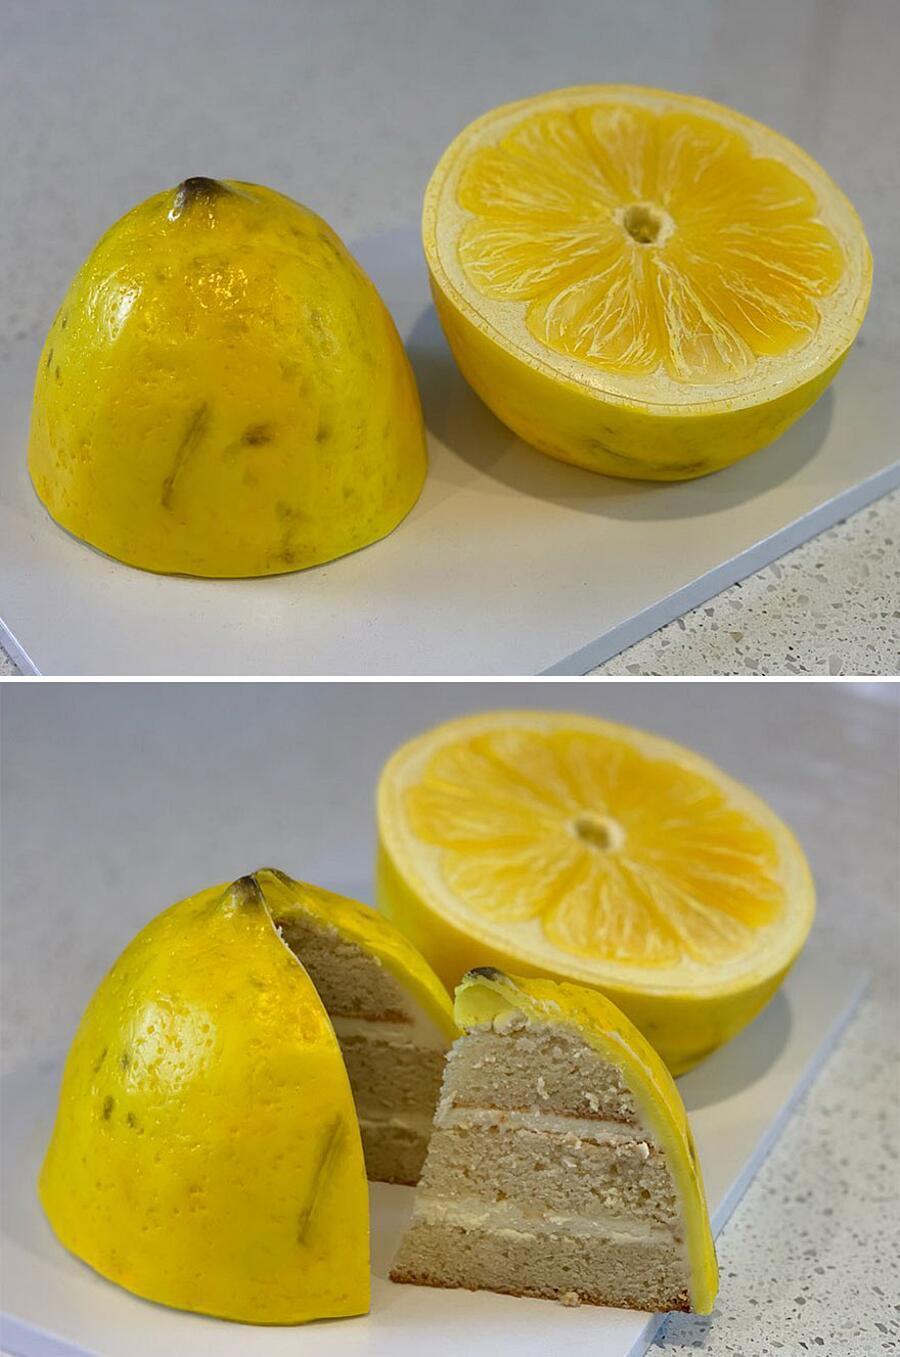 Dolci e dessert che sembrano oggetti reali Luke Vincentini